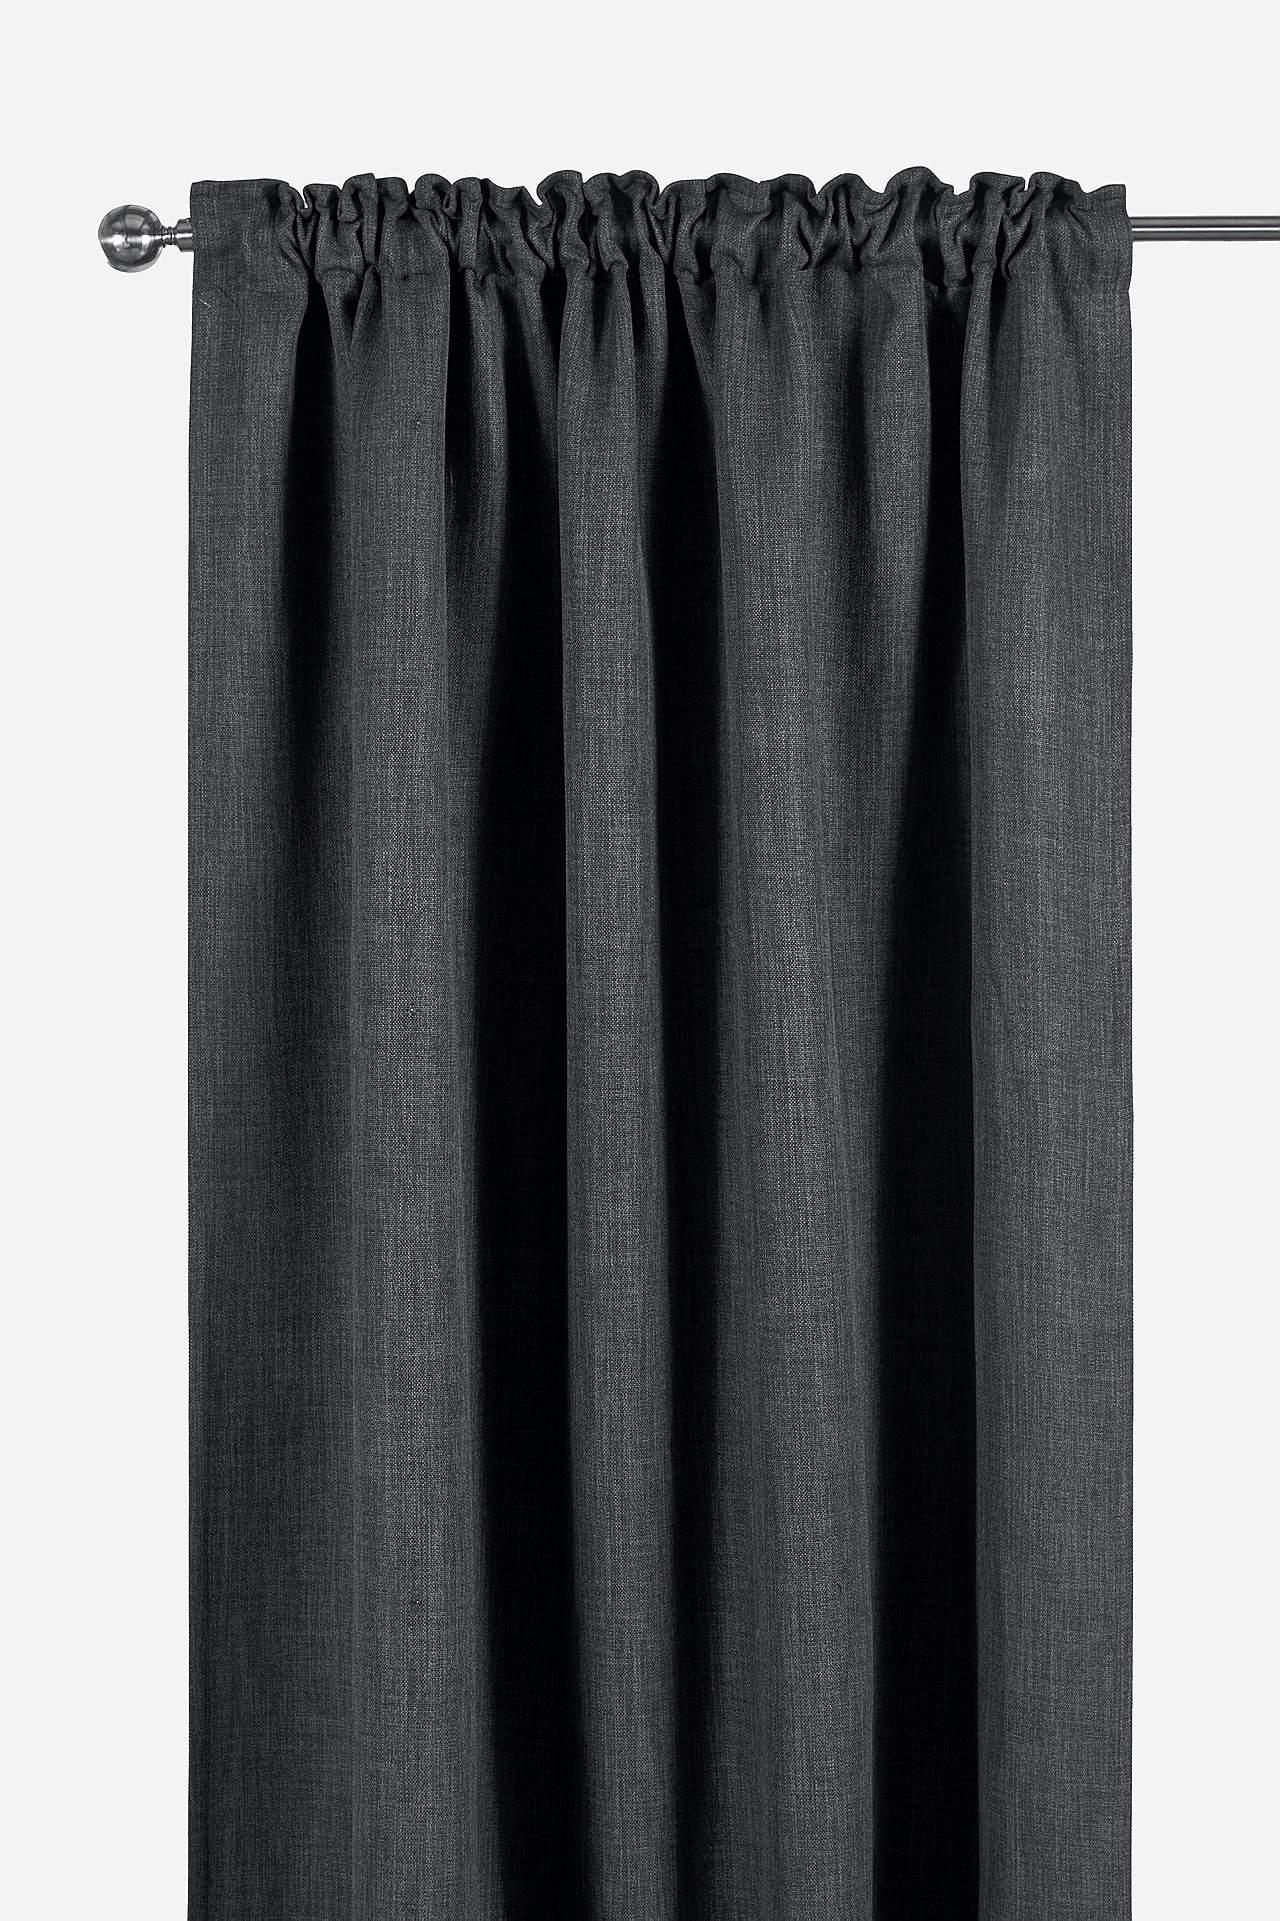 Lystett gardin multubånd 2-pack